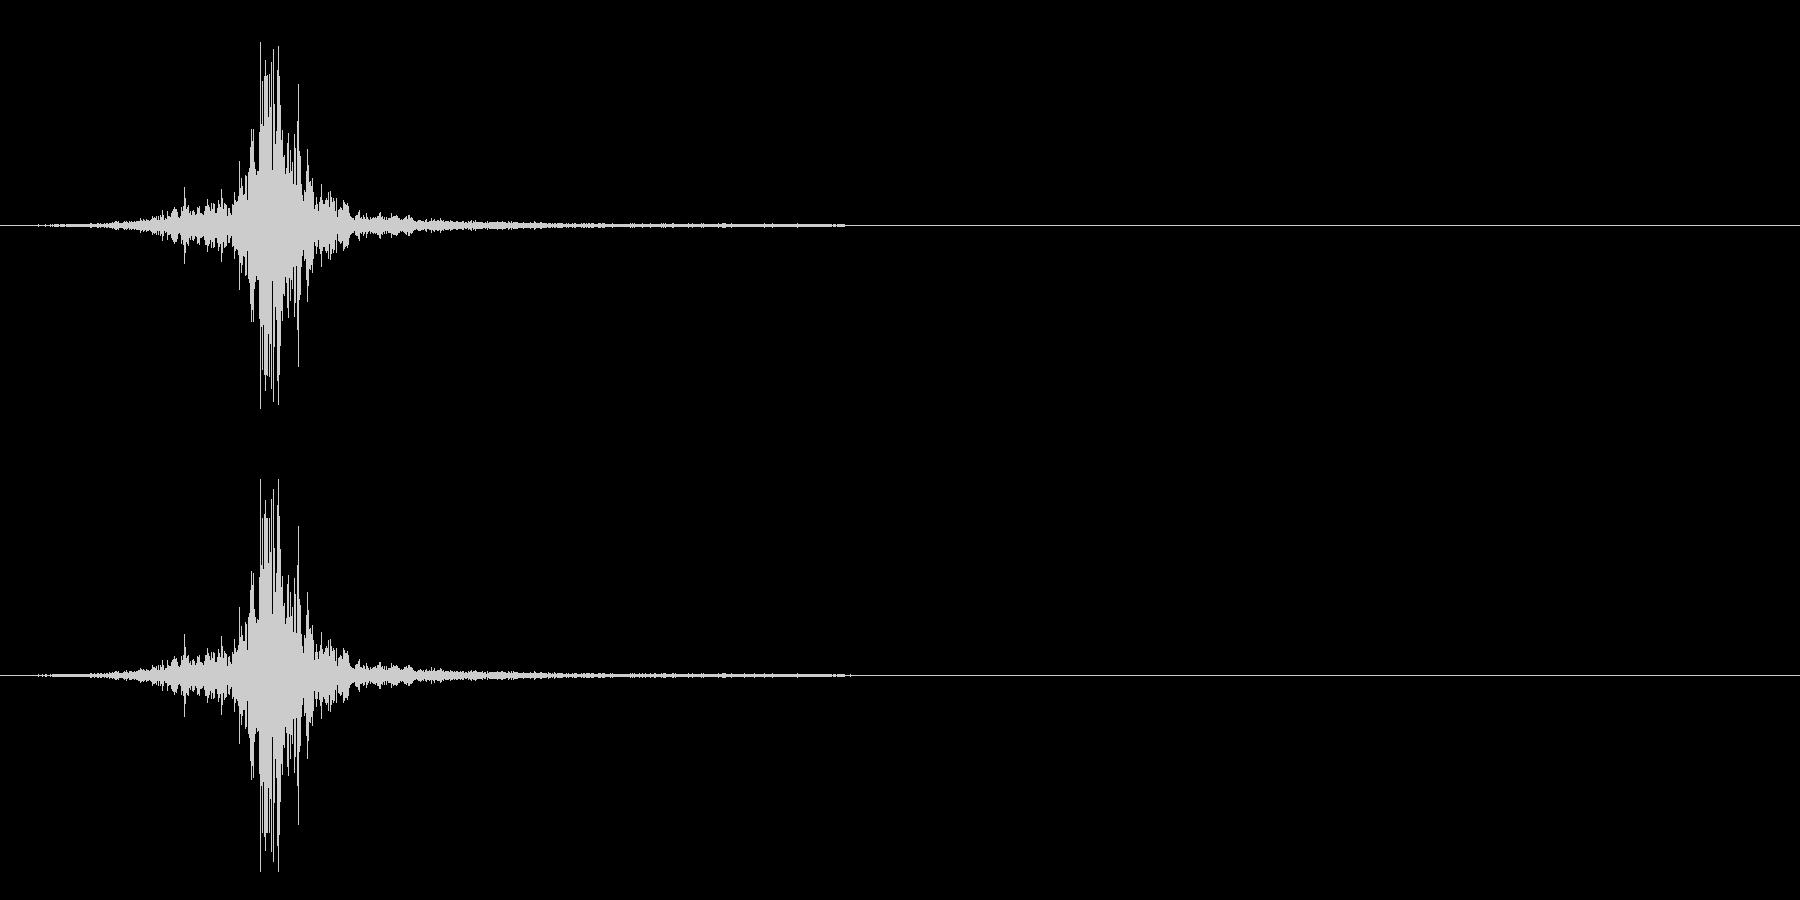 シルク・ナイロン・広げる2の未再生の波形